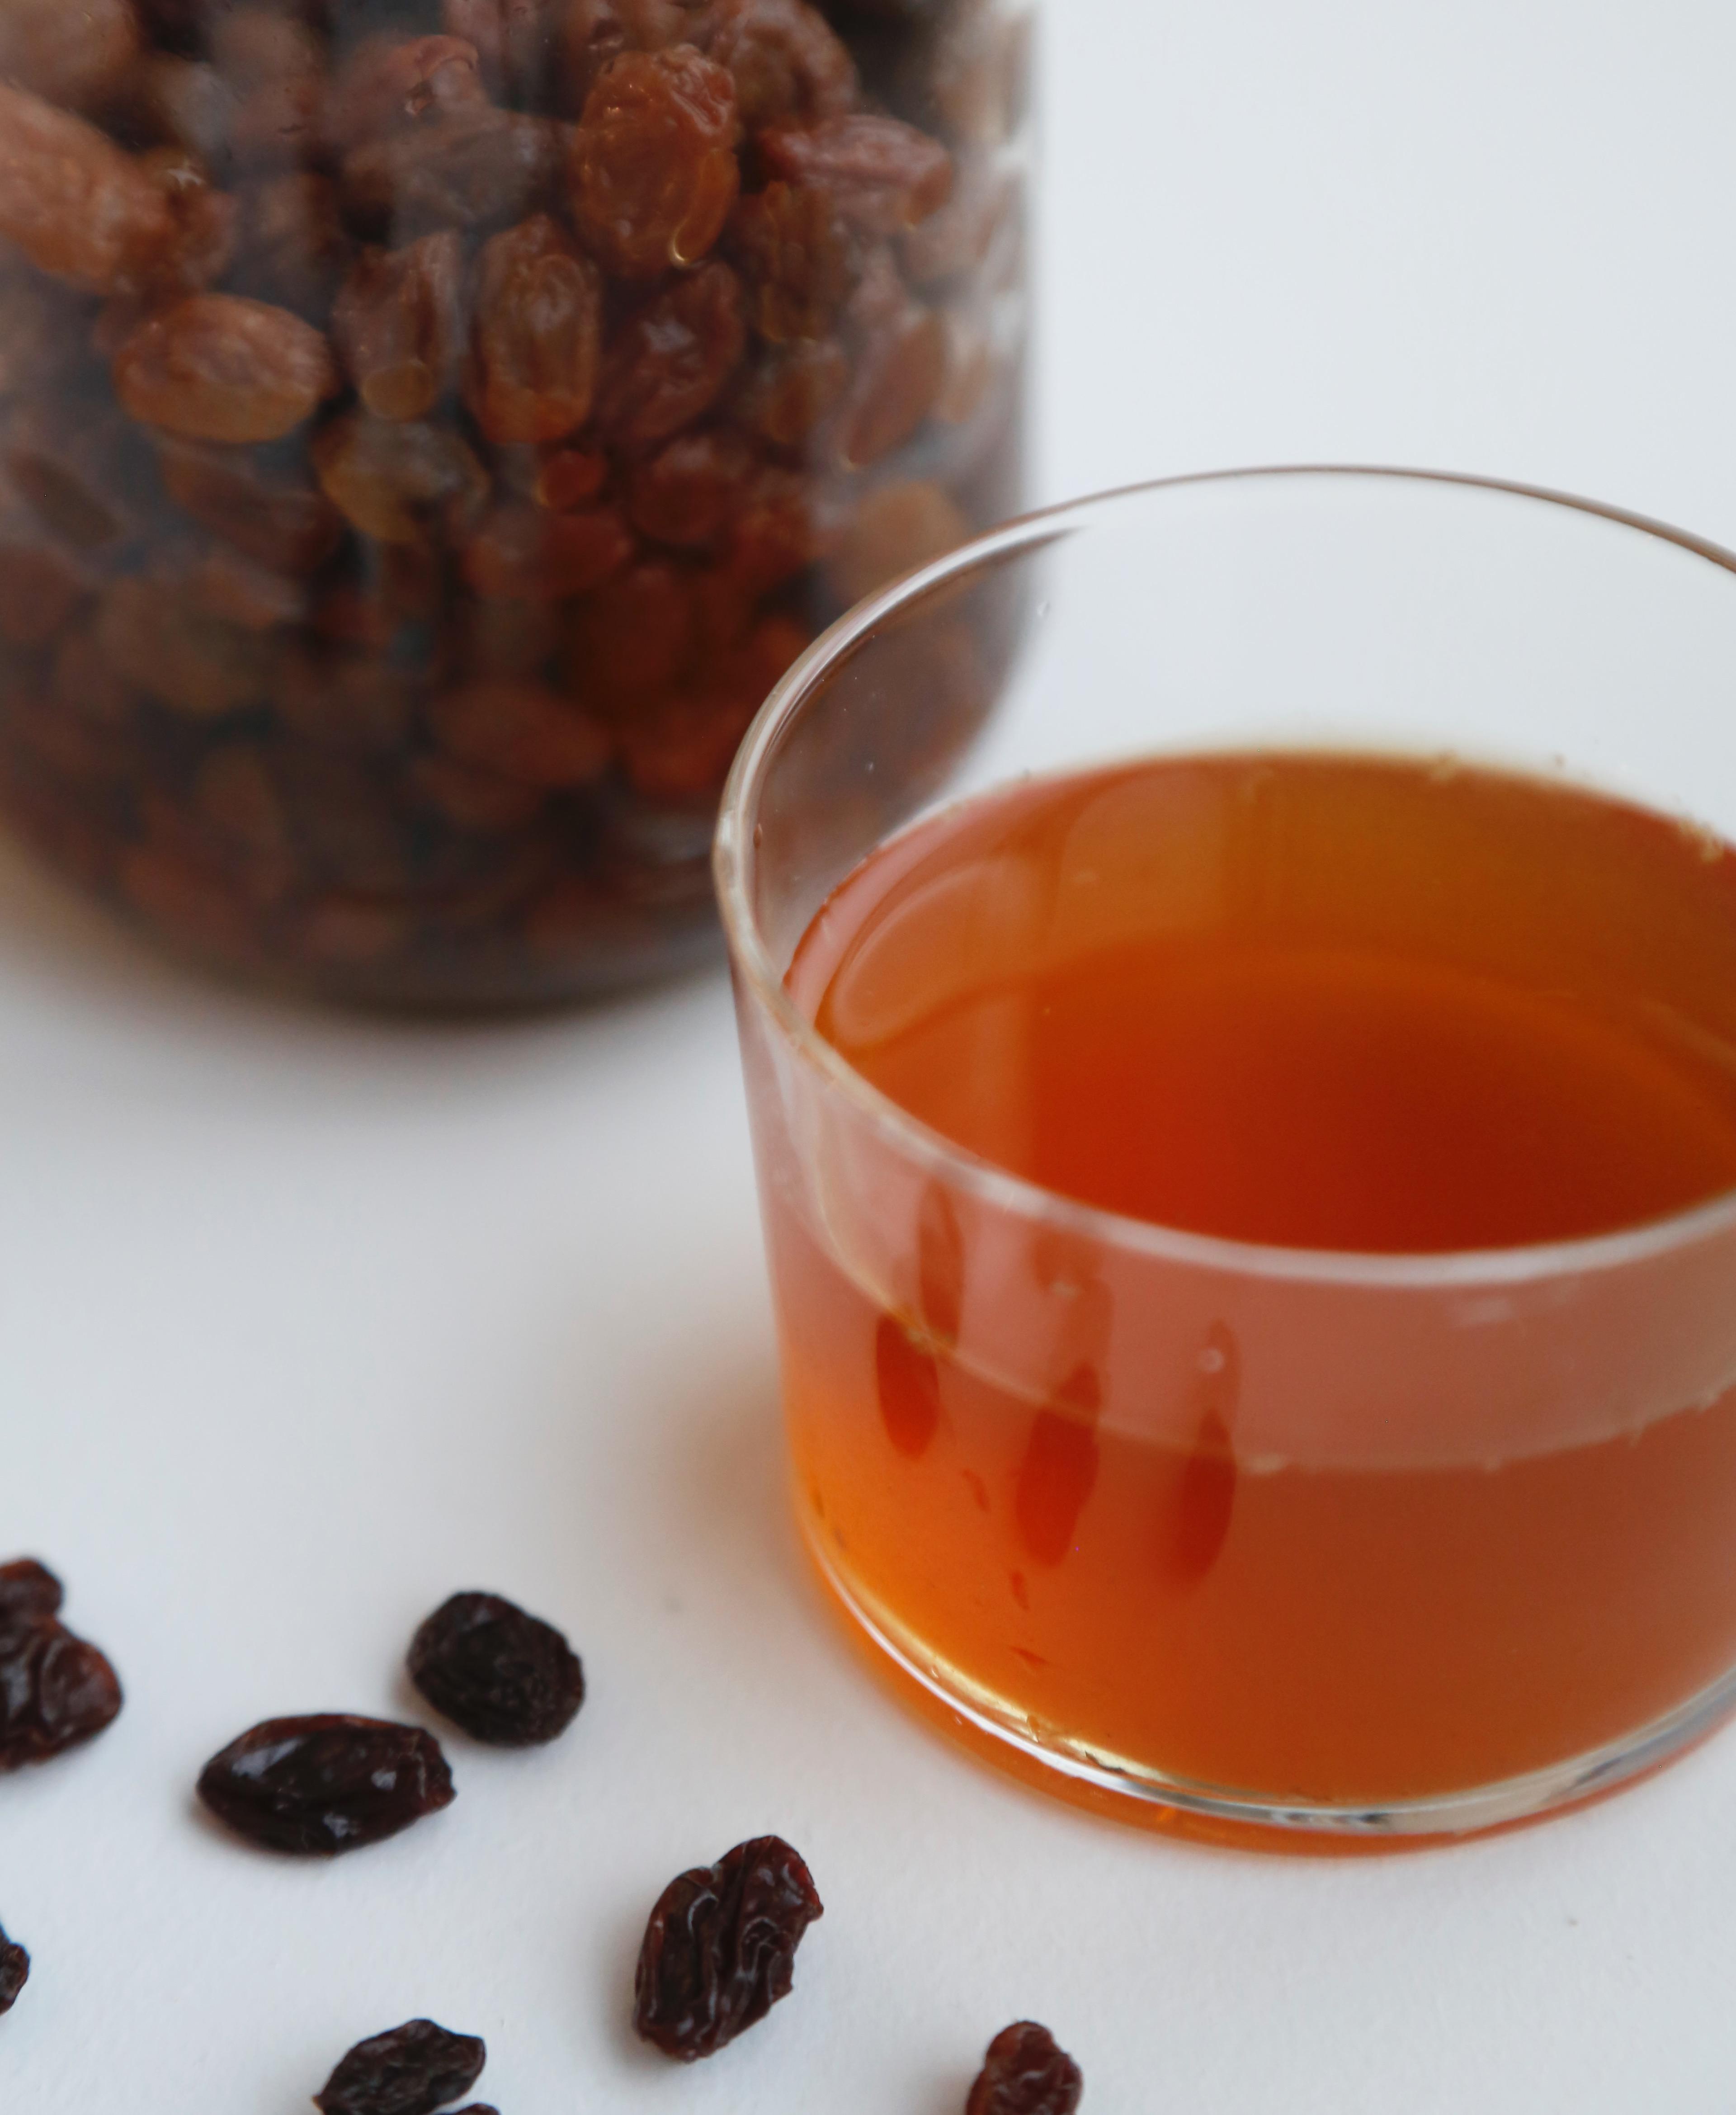 rosinvand nem-naturlig-soedning-1-2